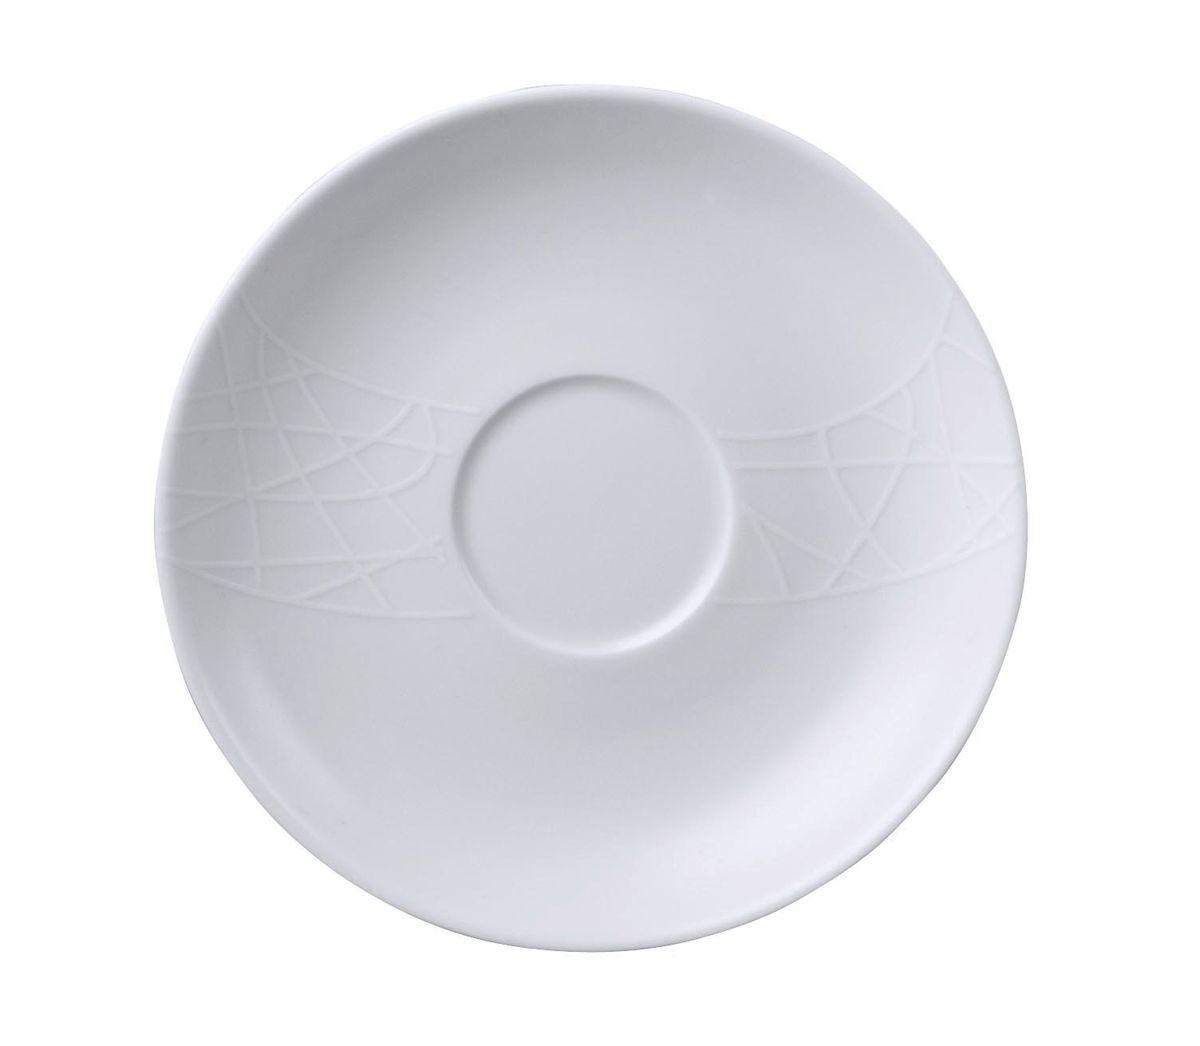 Блюдце чайное Churchill, диаметр 17 см. 670201801APRARN86010Джейми Оливер. Простой орнамент с тонкими текстурными линиями. Коллекция «Белое на белом» - лёгкий и непринуждённый стиль. Посуда этой коллекции износостойкая и ударопрочная.